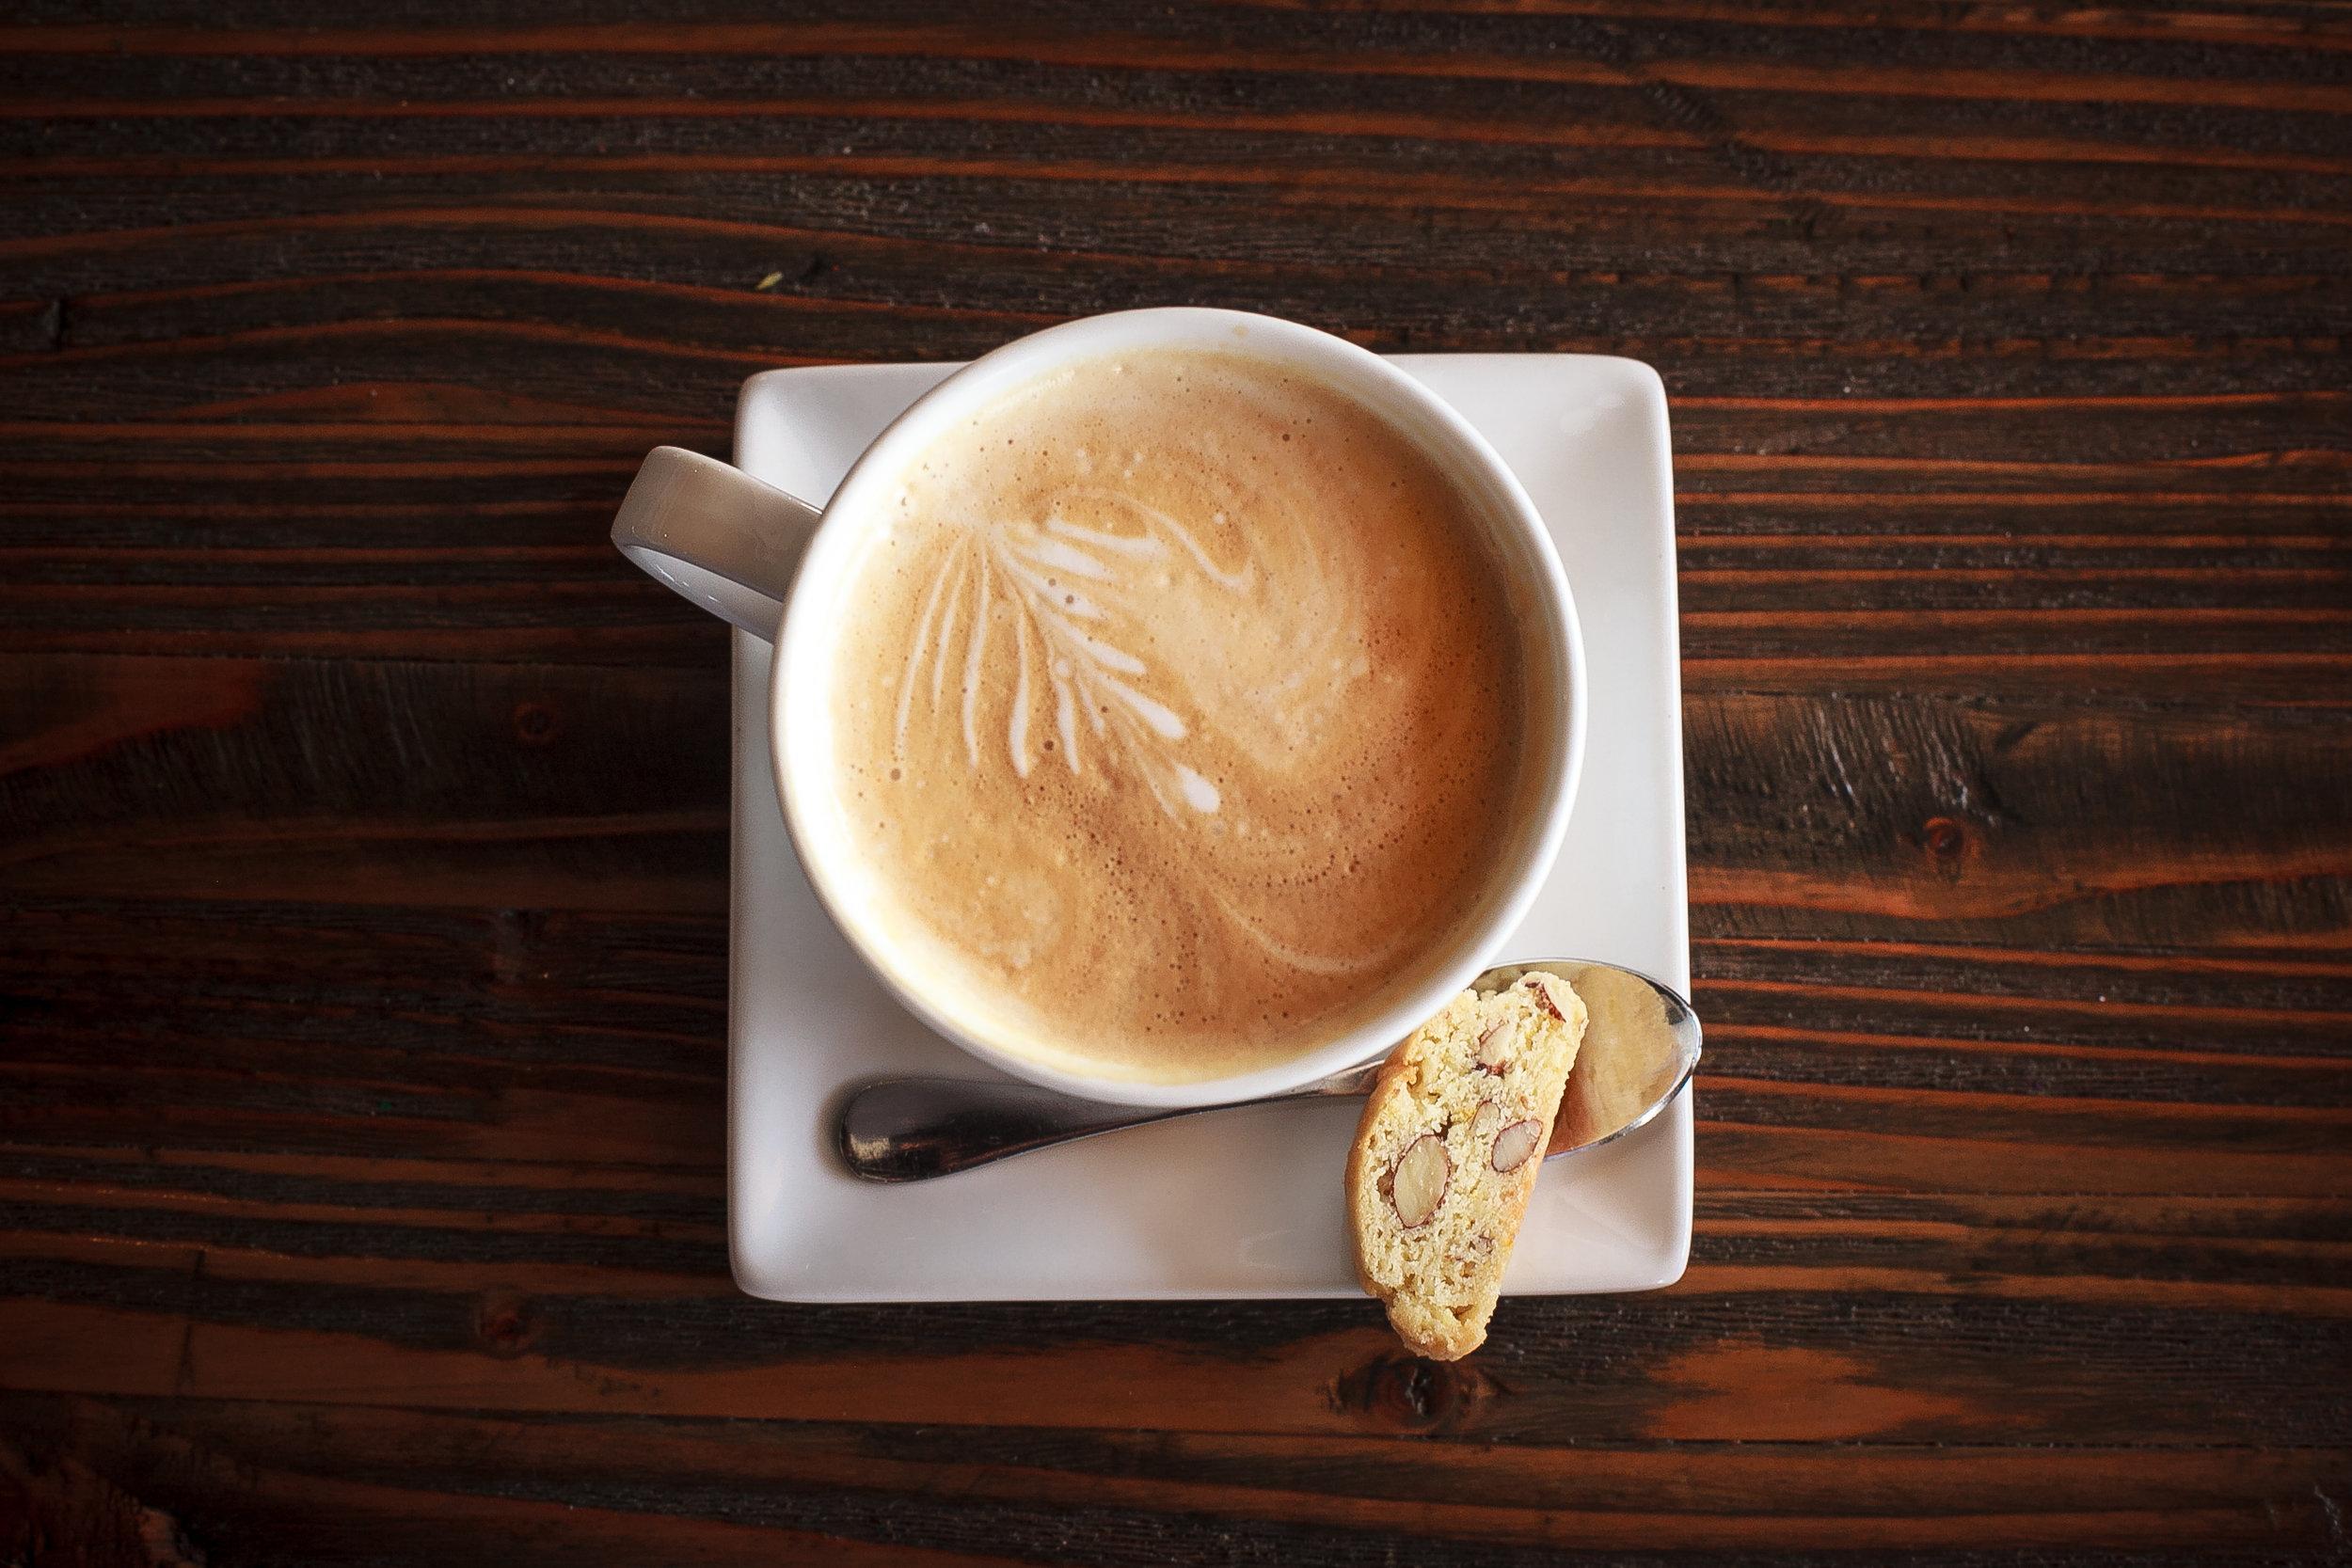 CRAFTkitchen Coffee.jpg